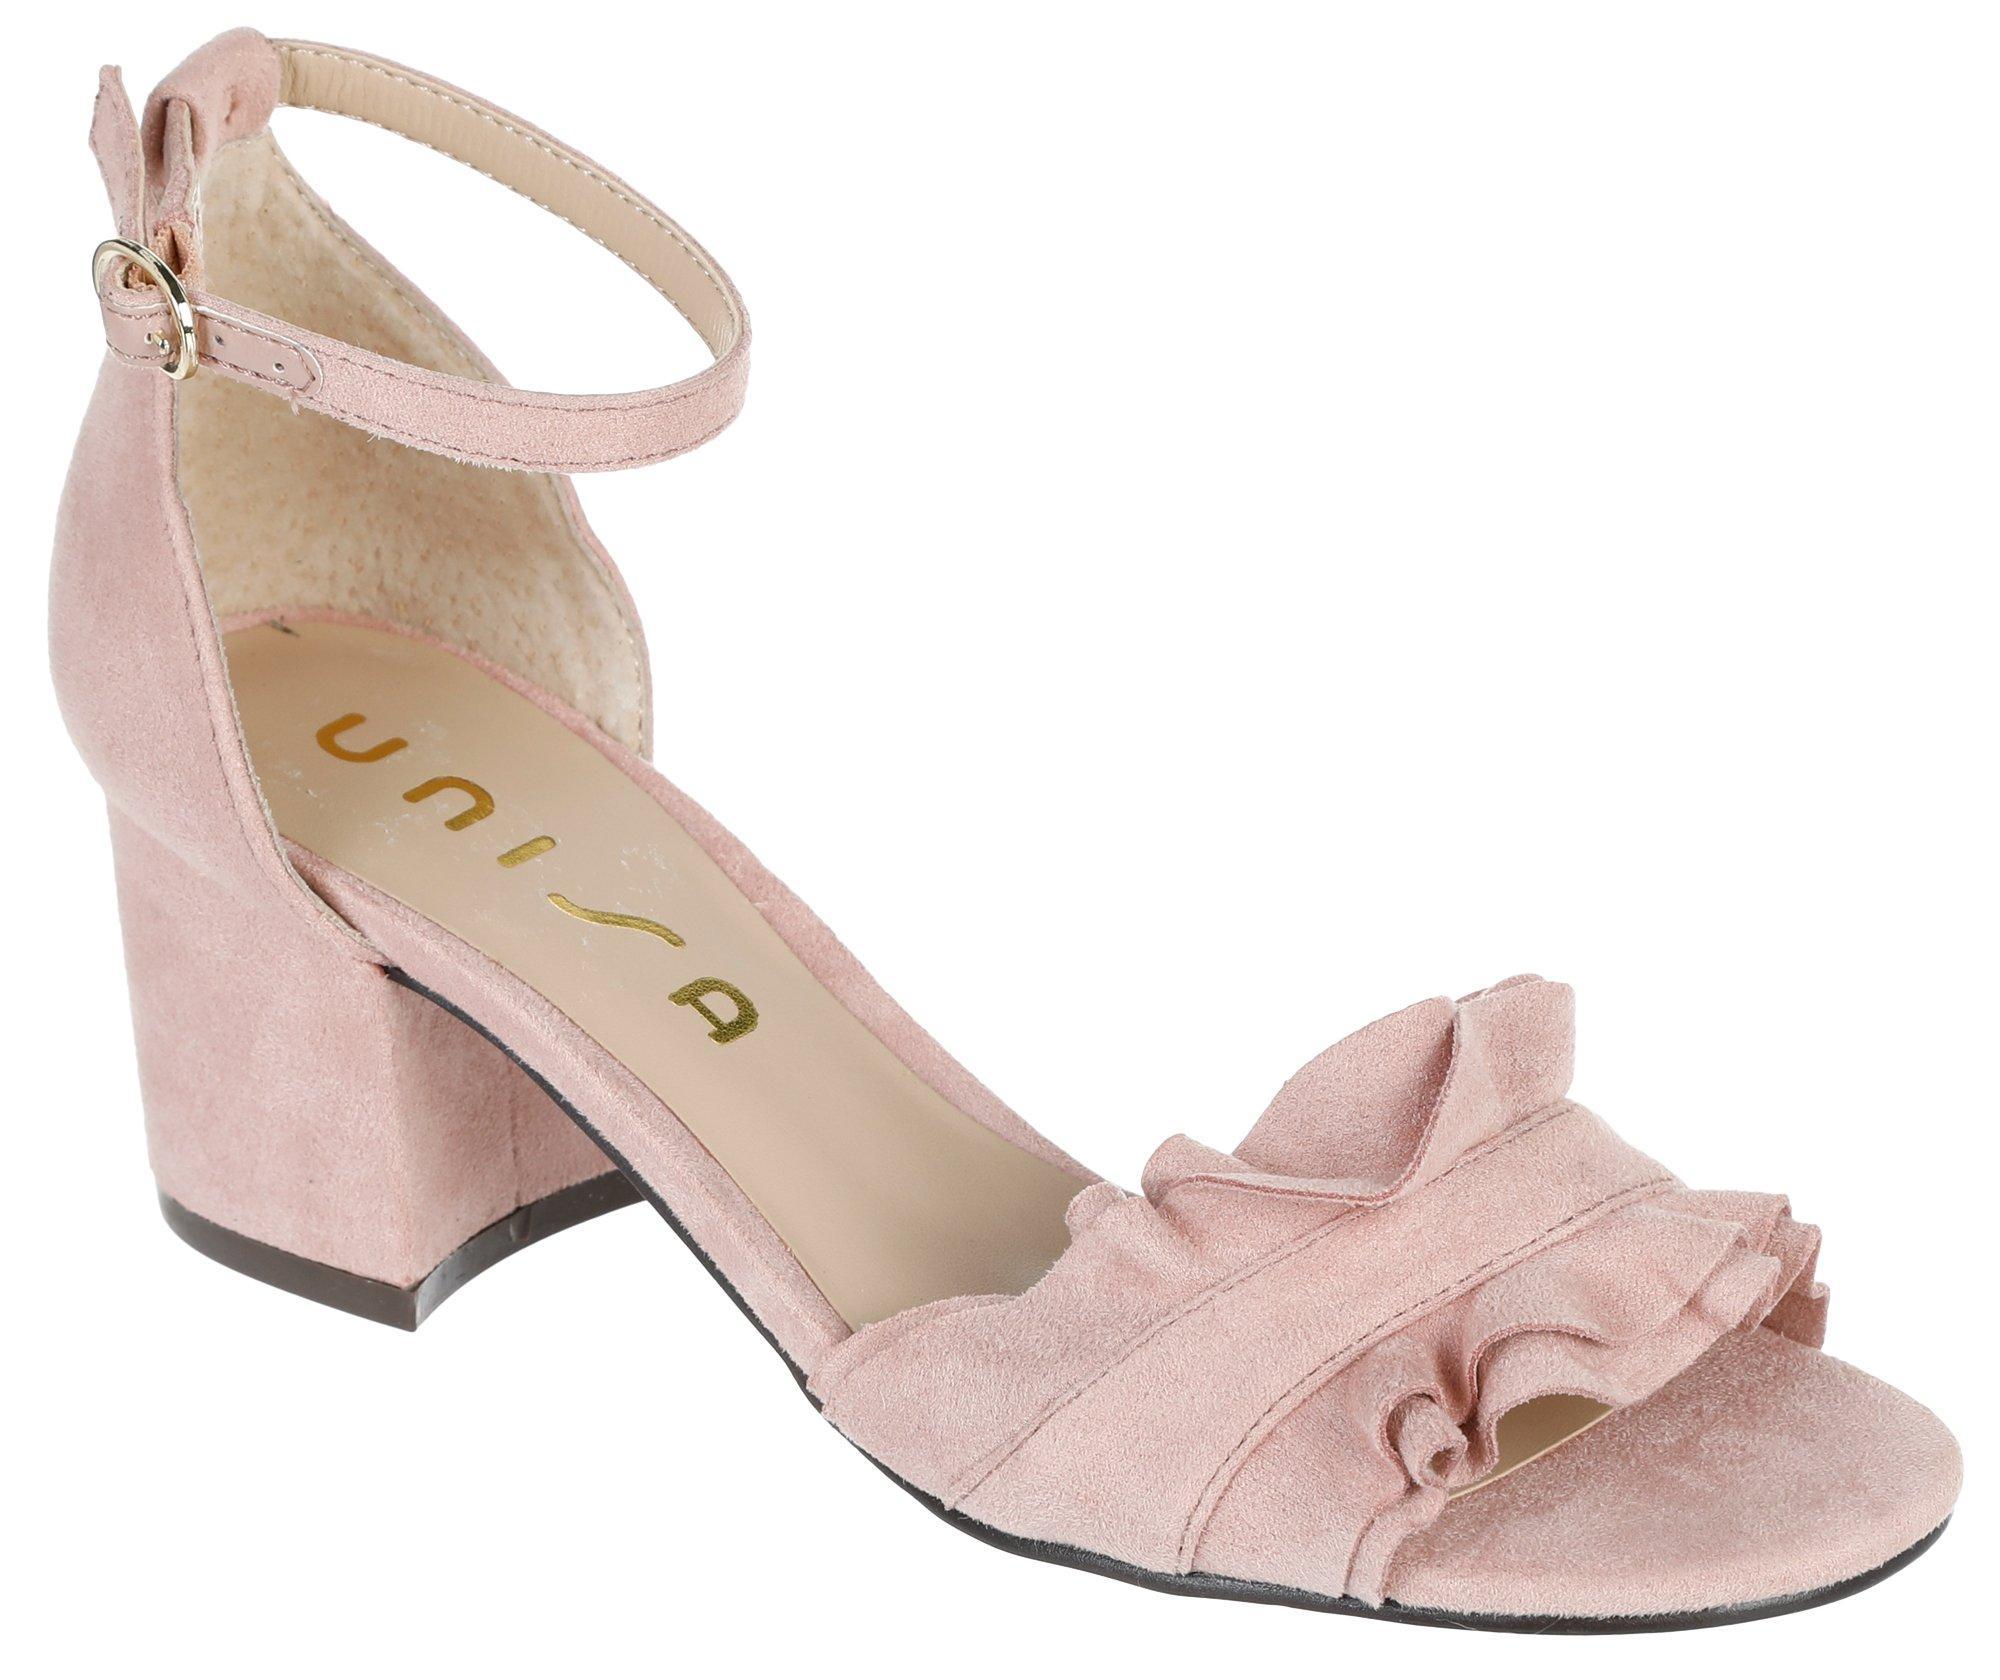 dbb6f19ea4d Riley Jeweled Heels - Silver